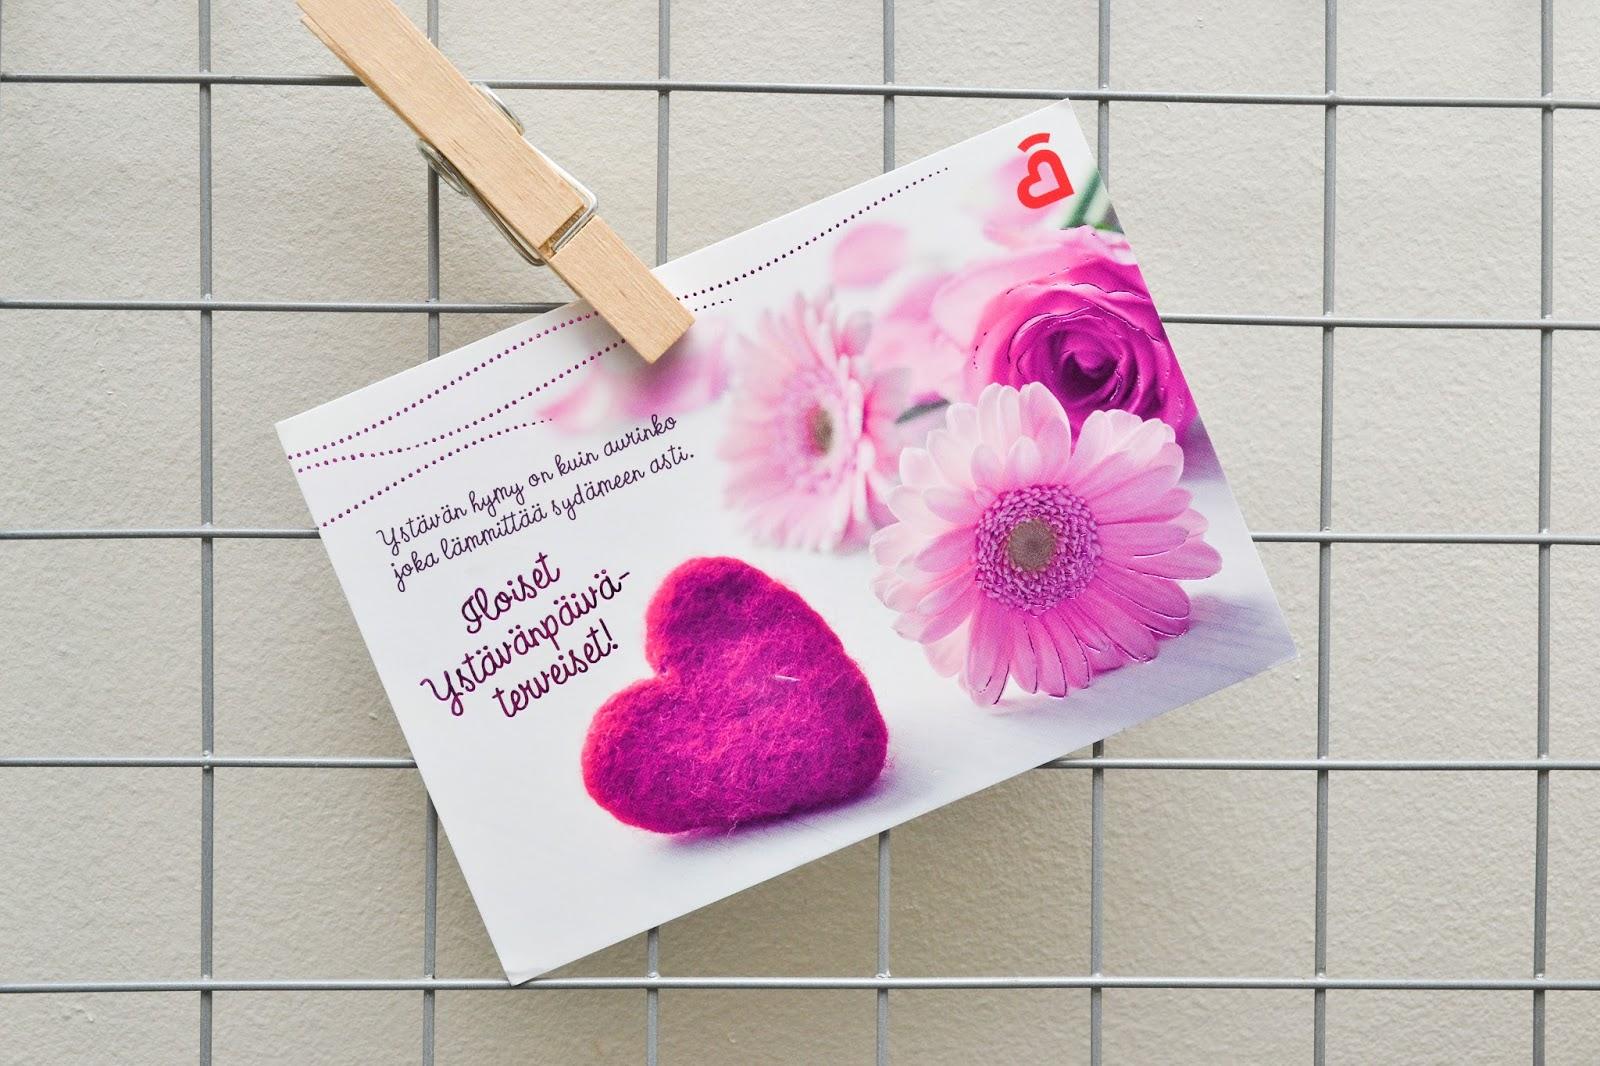 Saippuakuplia olohuoneessa blogi, kuva Hanna Poikkilehto, ystävänpäivä, blogisisaret, ystävänpäiväkortti, blogisisarten ystävänpäivä 2018, koti, olohuone, sisustus,